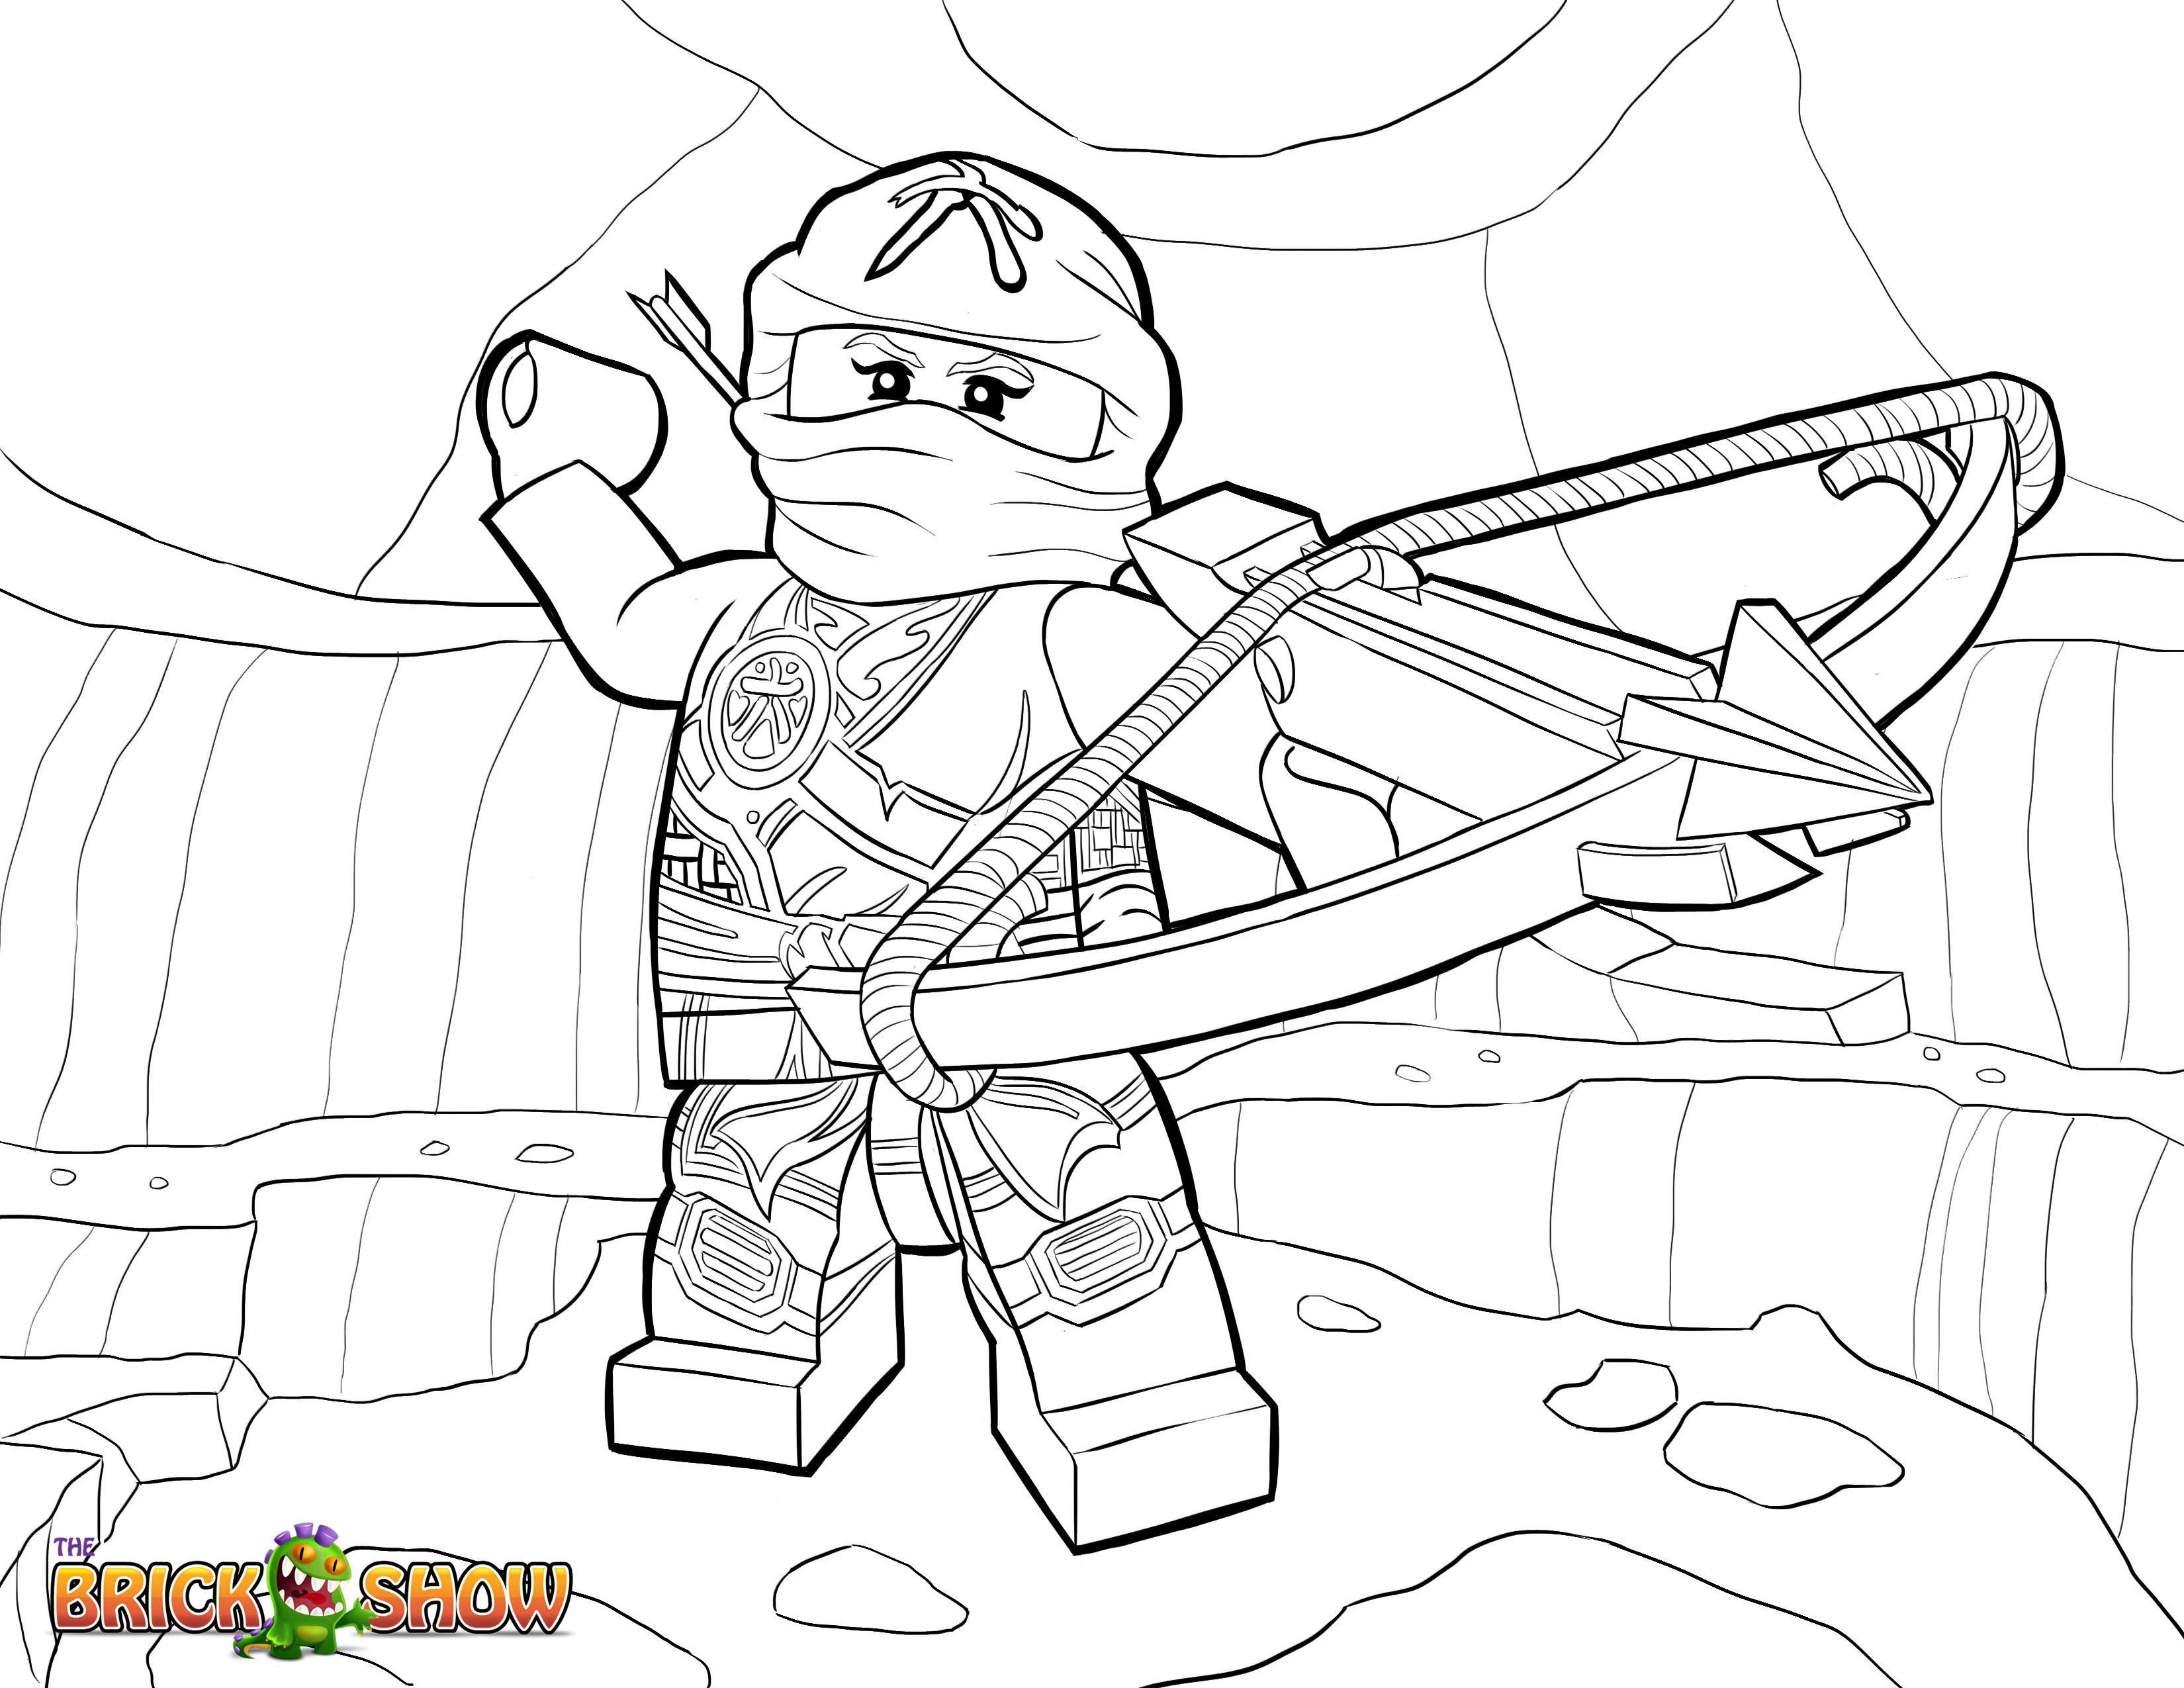 Lego Ninjago Bilder Zum Ausdrucken Einzigartig 40 Ninjago Ausmalbilder Zane Scoredatscore Frisch Lego Ninjago Das Bild